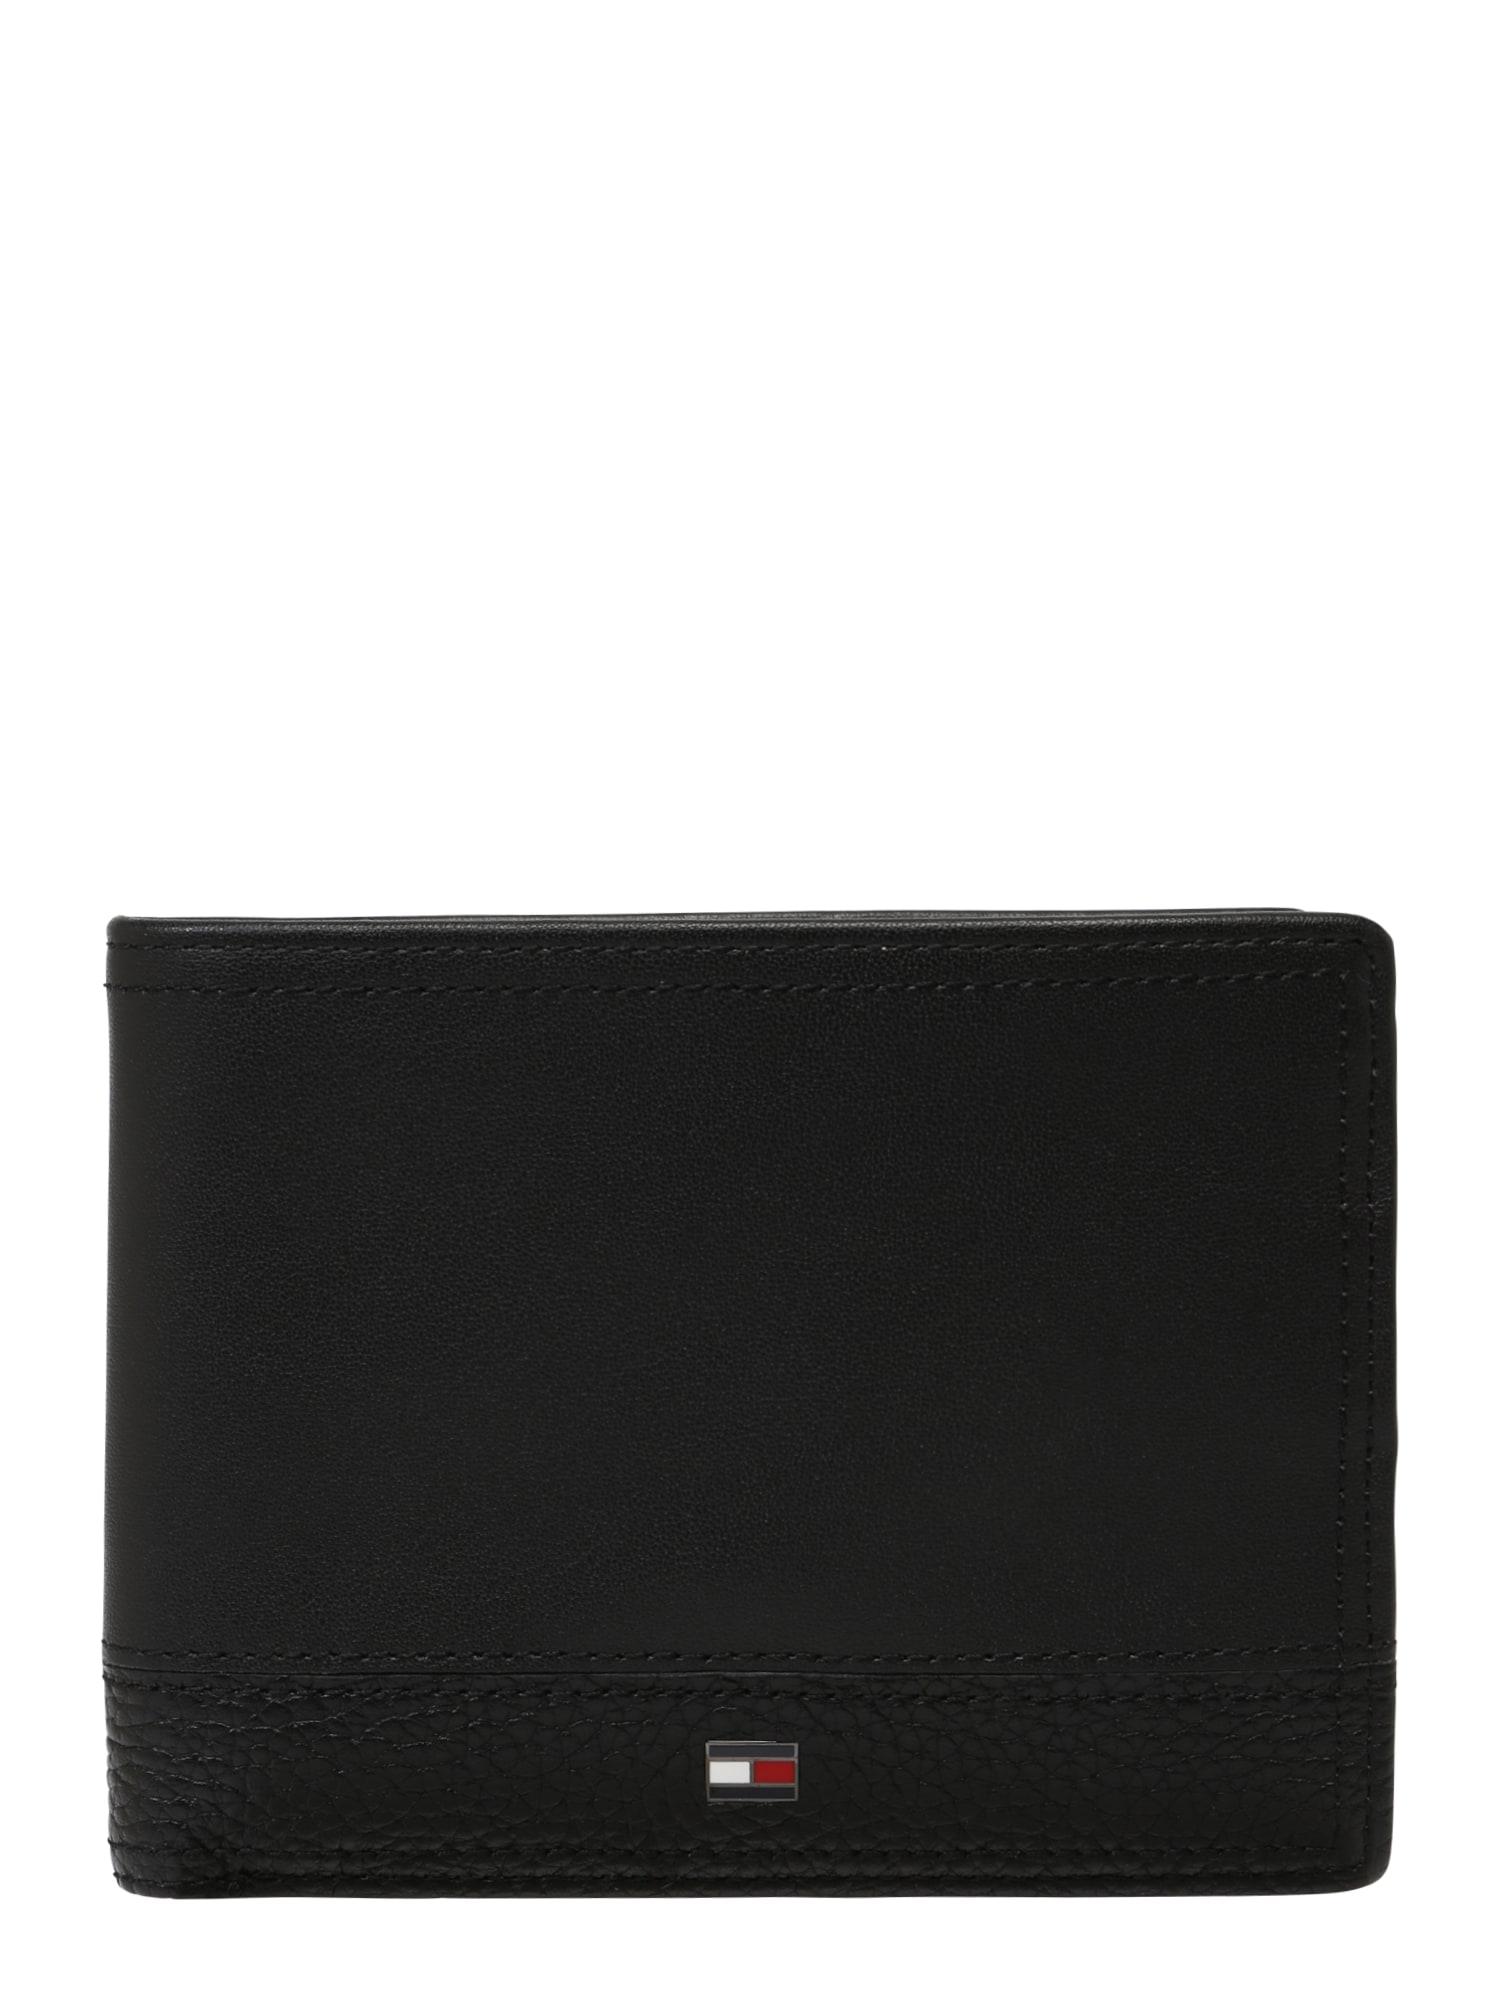 Peněženka TH Business Extra CC & Coin černá TOMMY HILFIGER